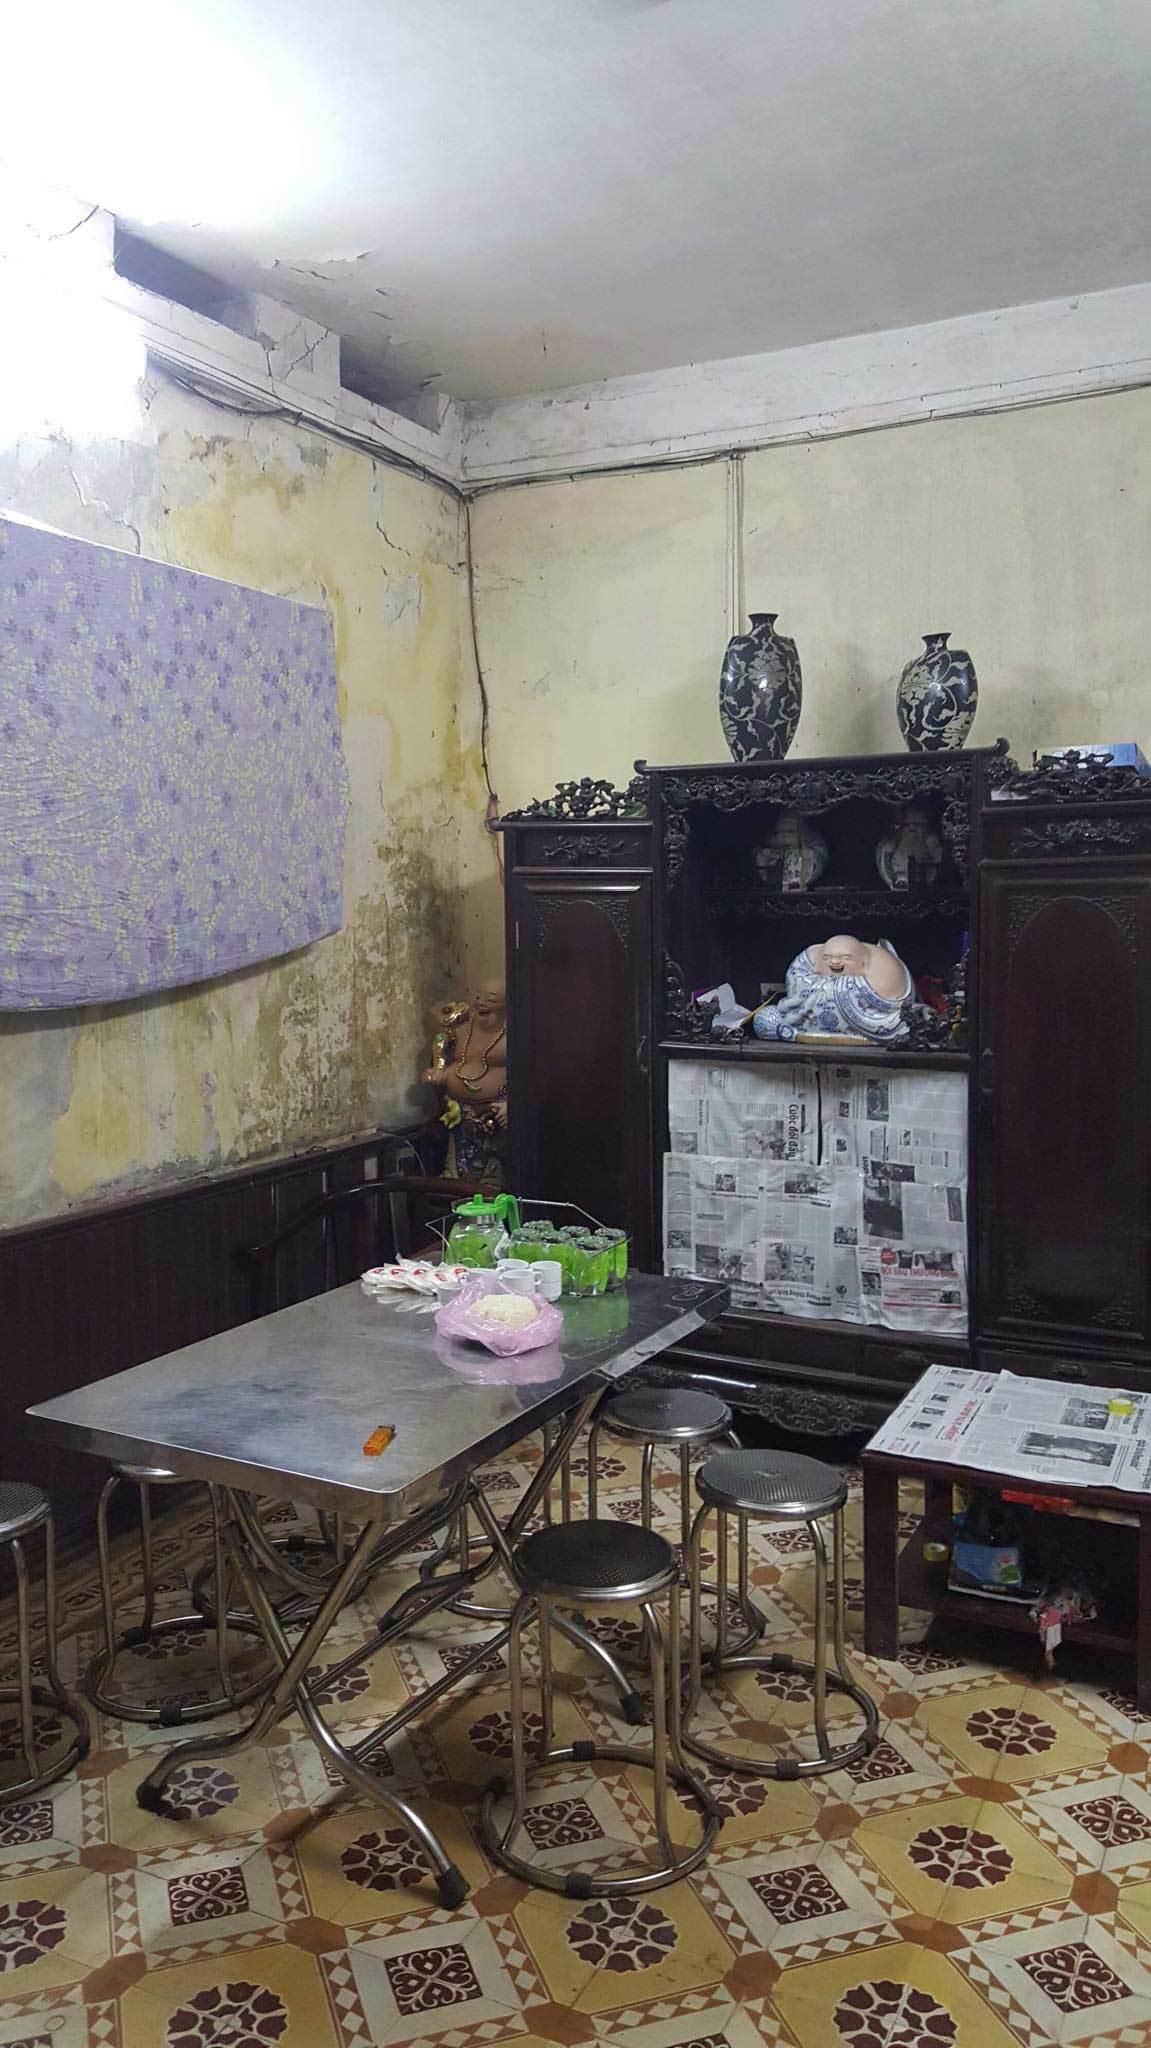 Ban thờ lập vội trong căn nhà tồi tàn của nạn nhân vụ tai nạn ở hầm Kim Liên-5